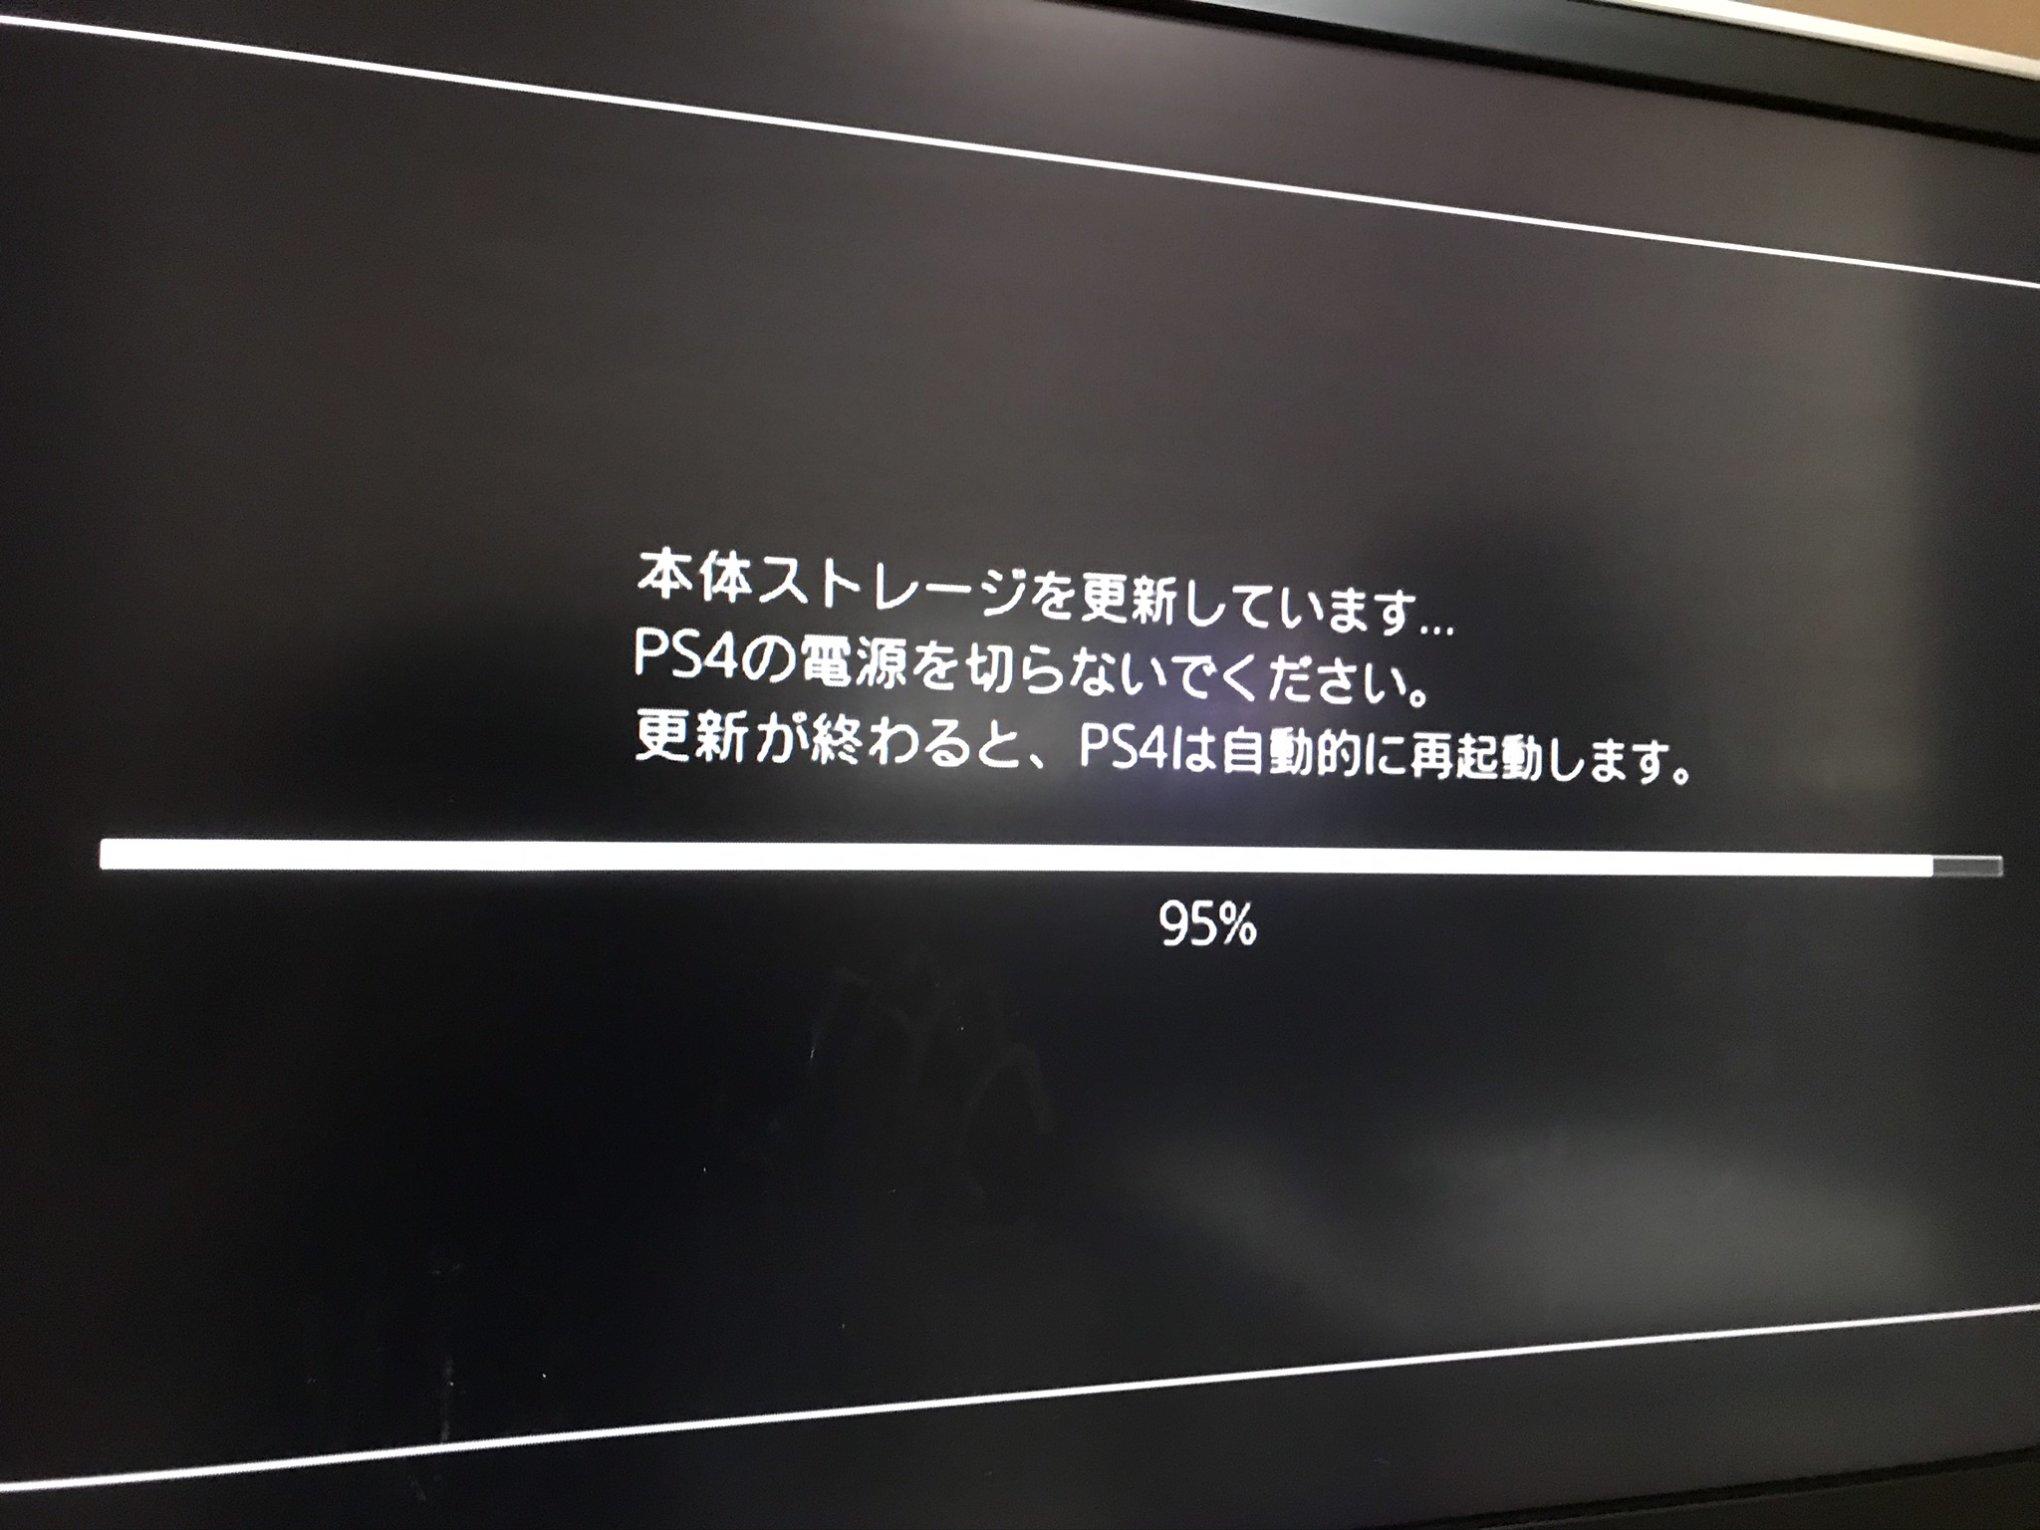 ブルーライトデス Ps4proで画面が映らない 対処法と修理のあれこれ ゲーミングガジェット Com